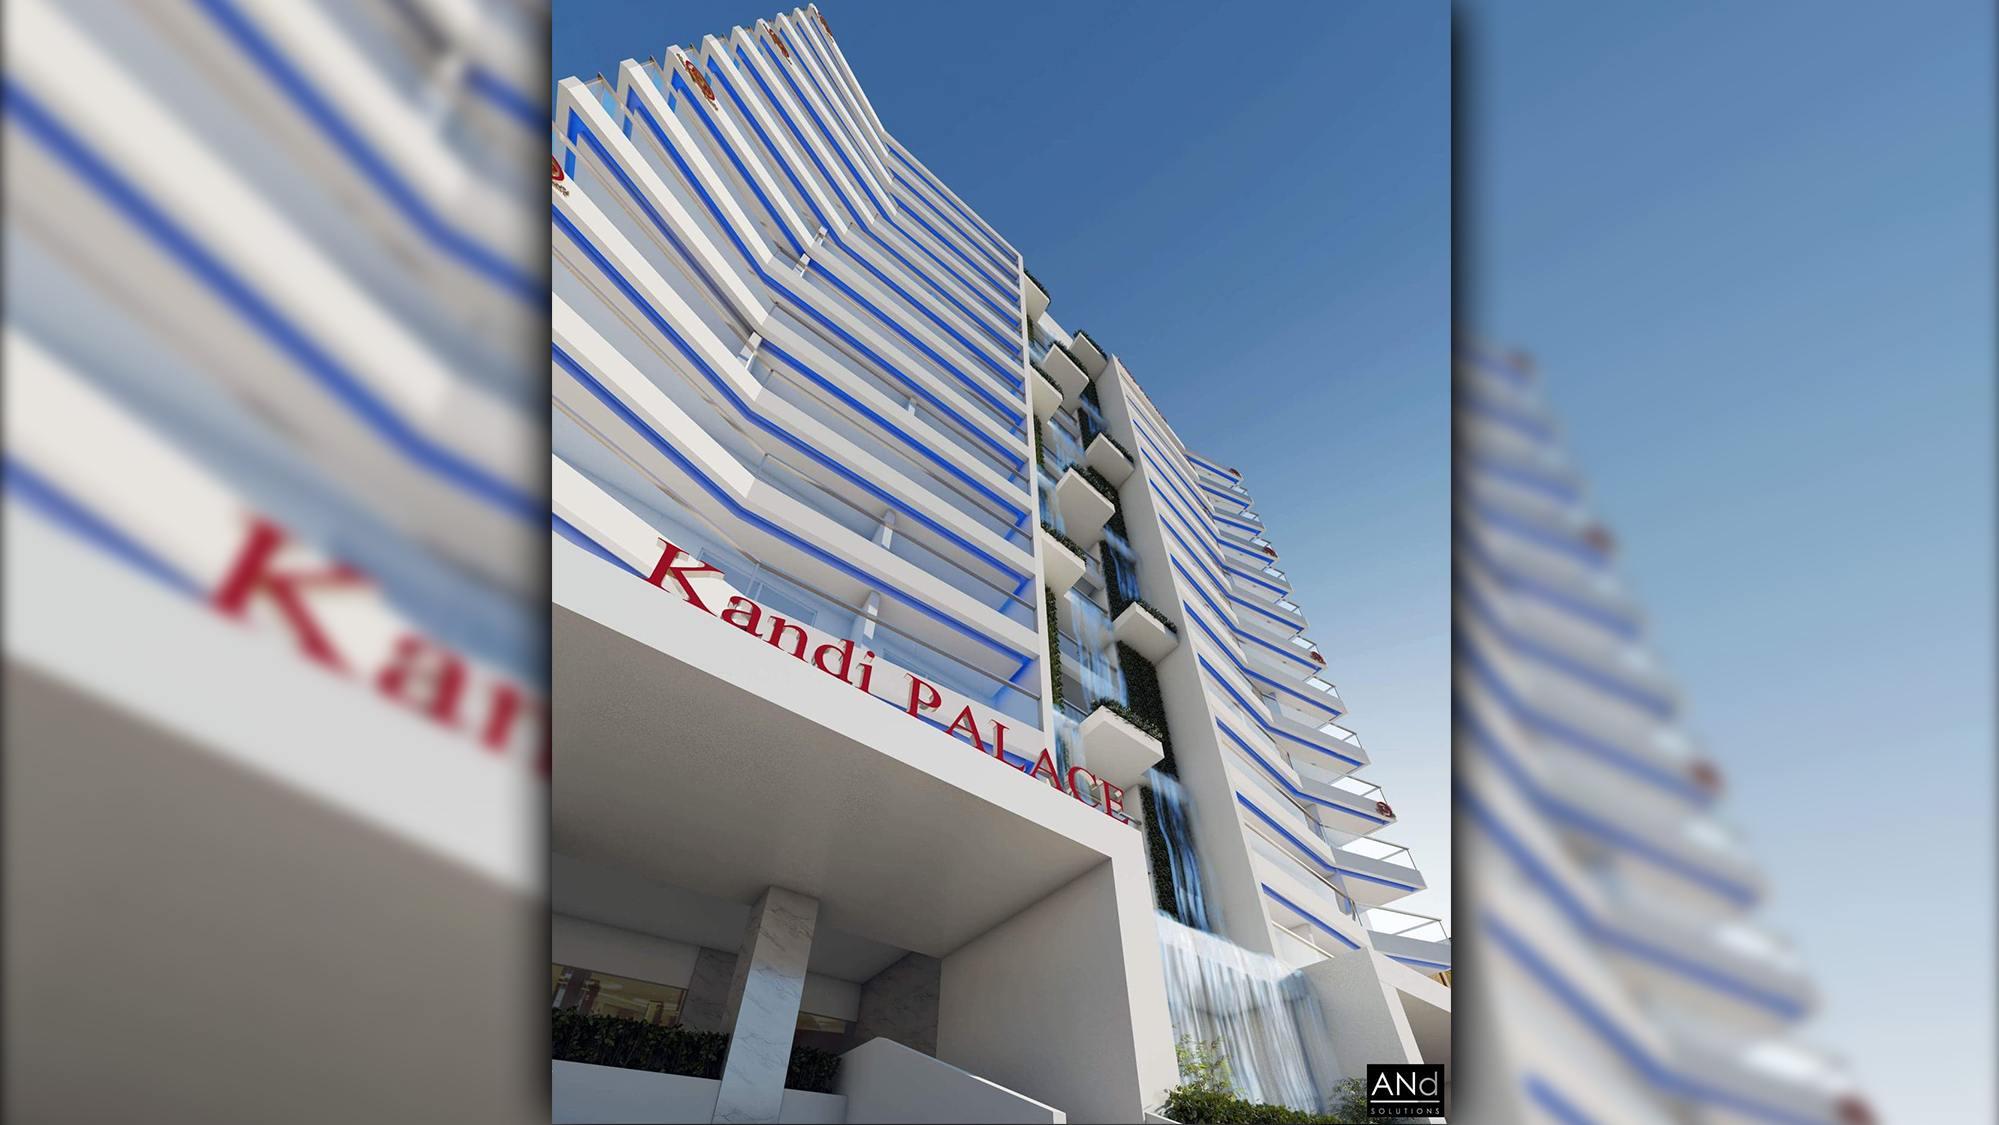 kandi-palace3